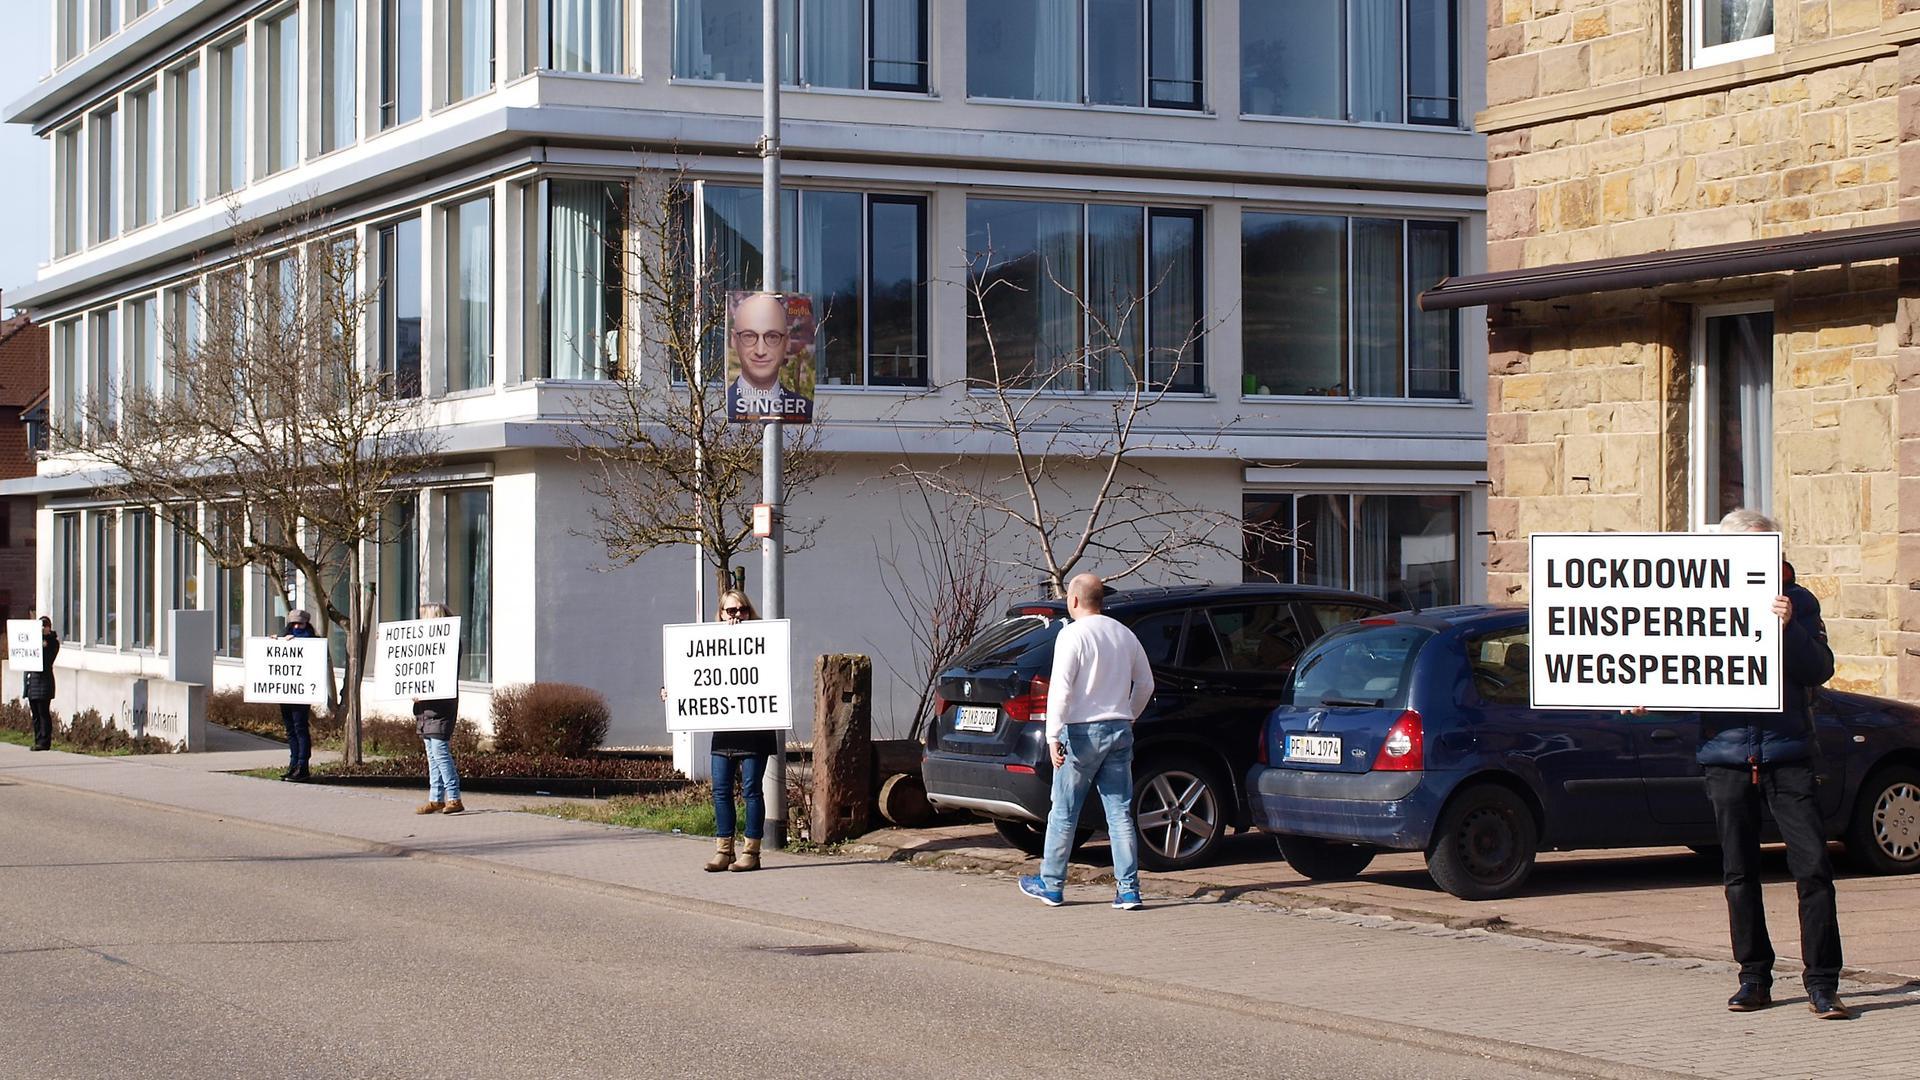 Dies ist keine Demo: Ihre Meinung kundgetan haben einige Lockdown-Gegner in einer Flashmob-Aktion in Maulbronn und Mühlacker. Eine offizielle Demonstration soll es nicht gewesen sein.